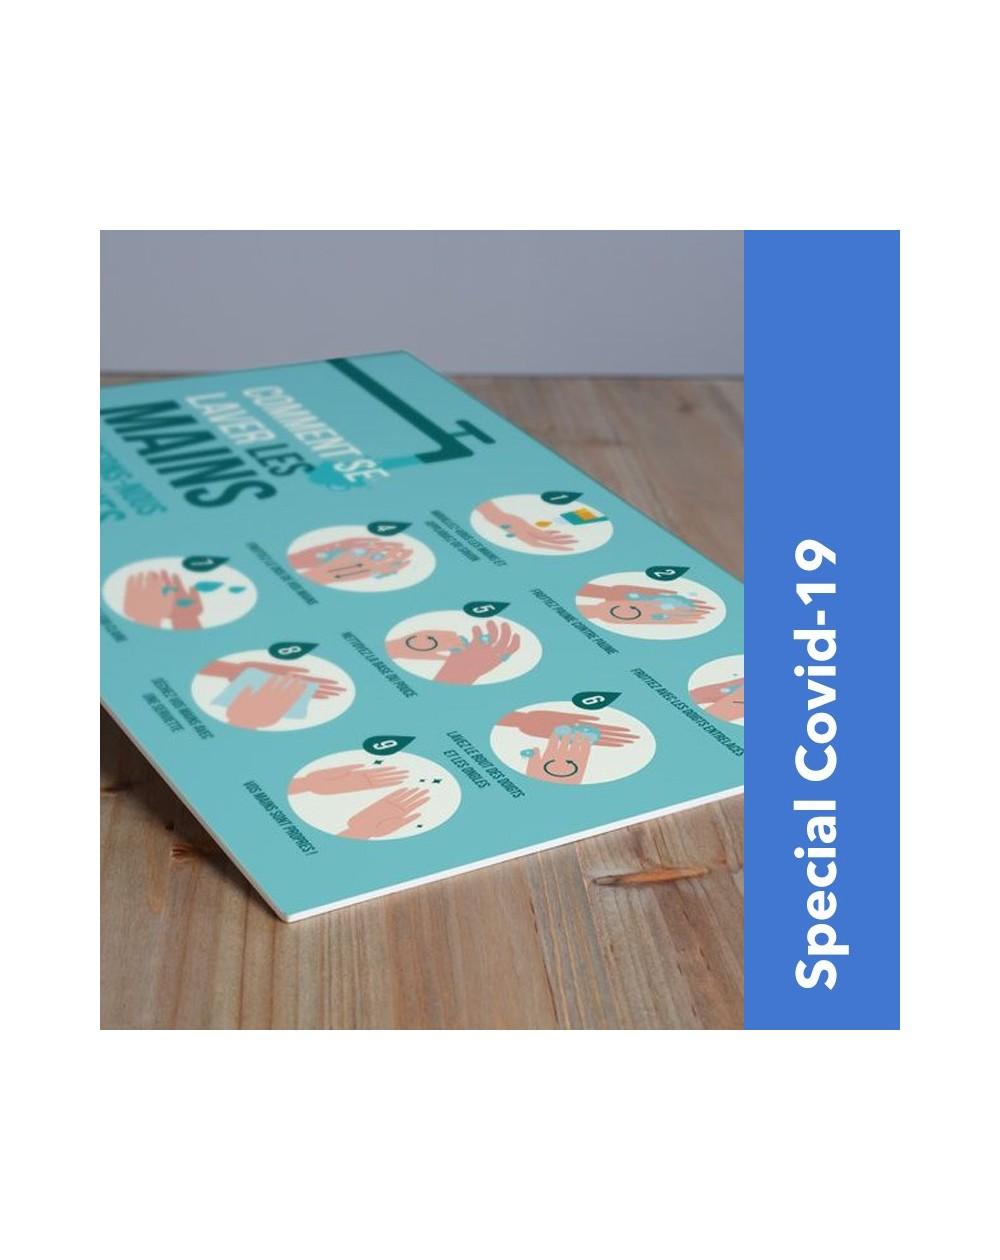 Panneau forex pré-imprimé consignes sanitaires Covid-19